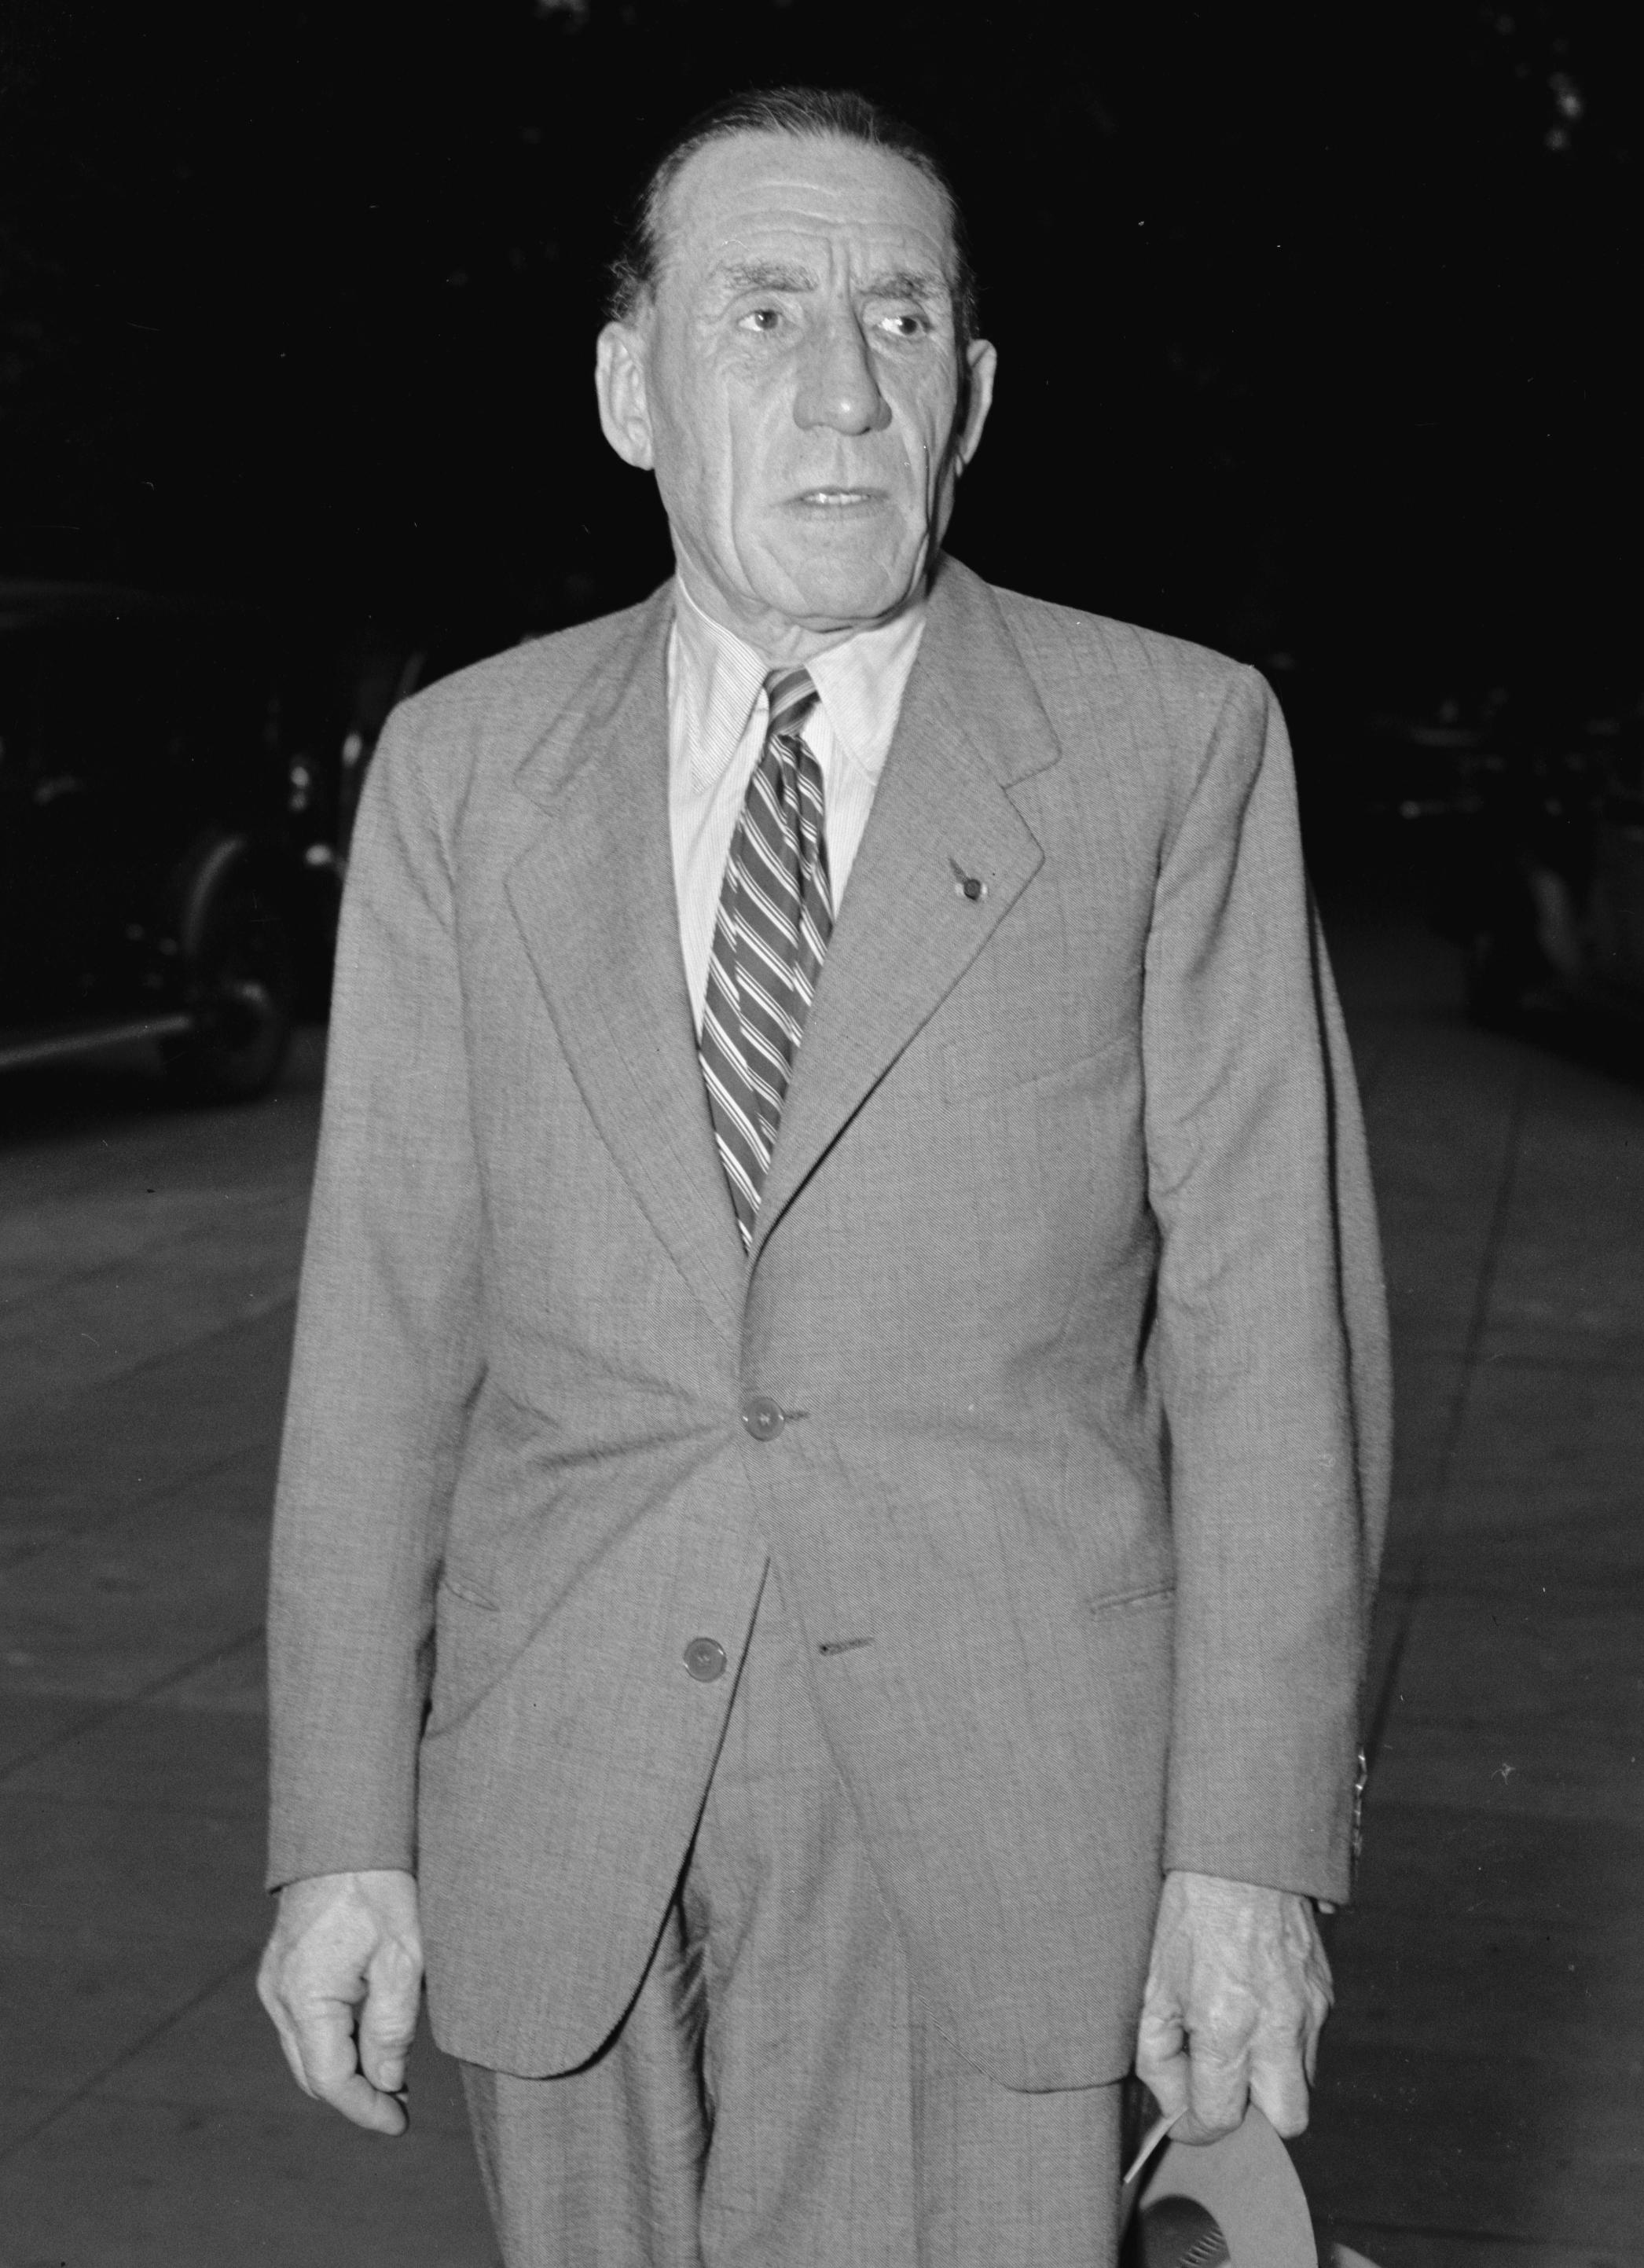 Louis Renault tok ofte turer til USA for å lære av amerikansk bilindustri. Her avbildet i Washington i 1940.